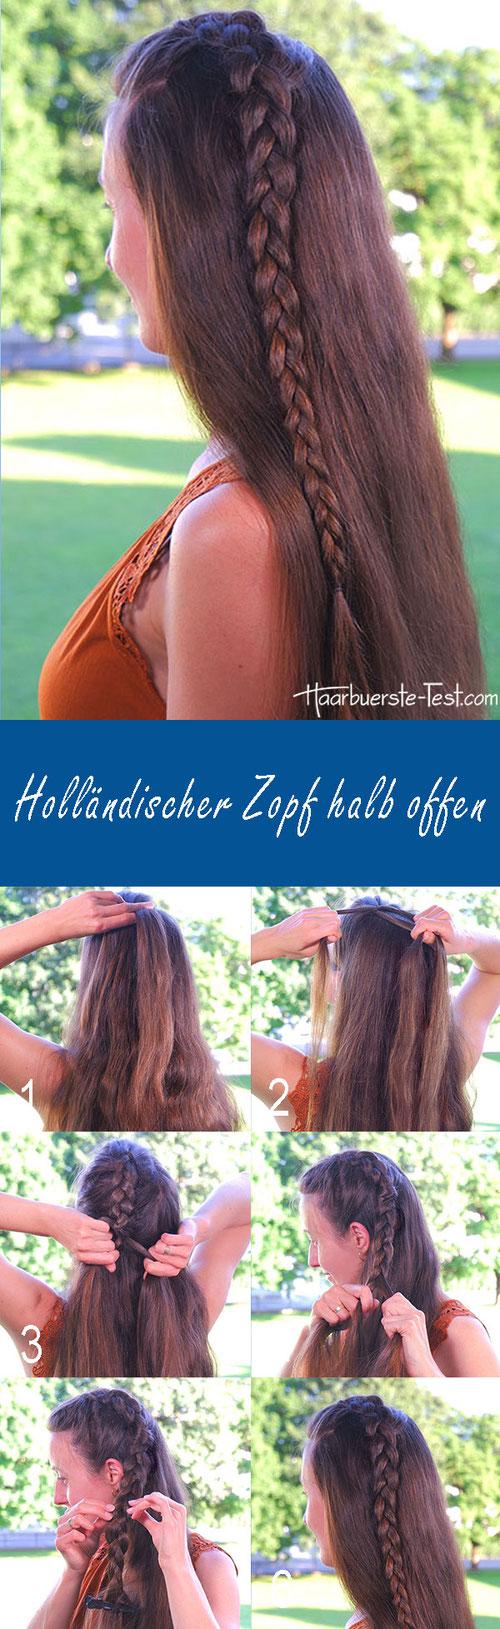 Holländischer Zopf Anleitung, Holländischer Zopf halb offen, schöne Flechtfrisur